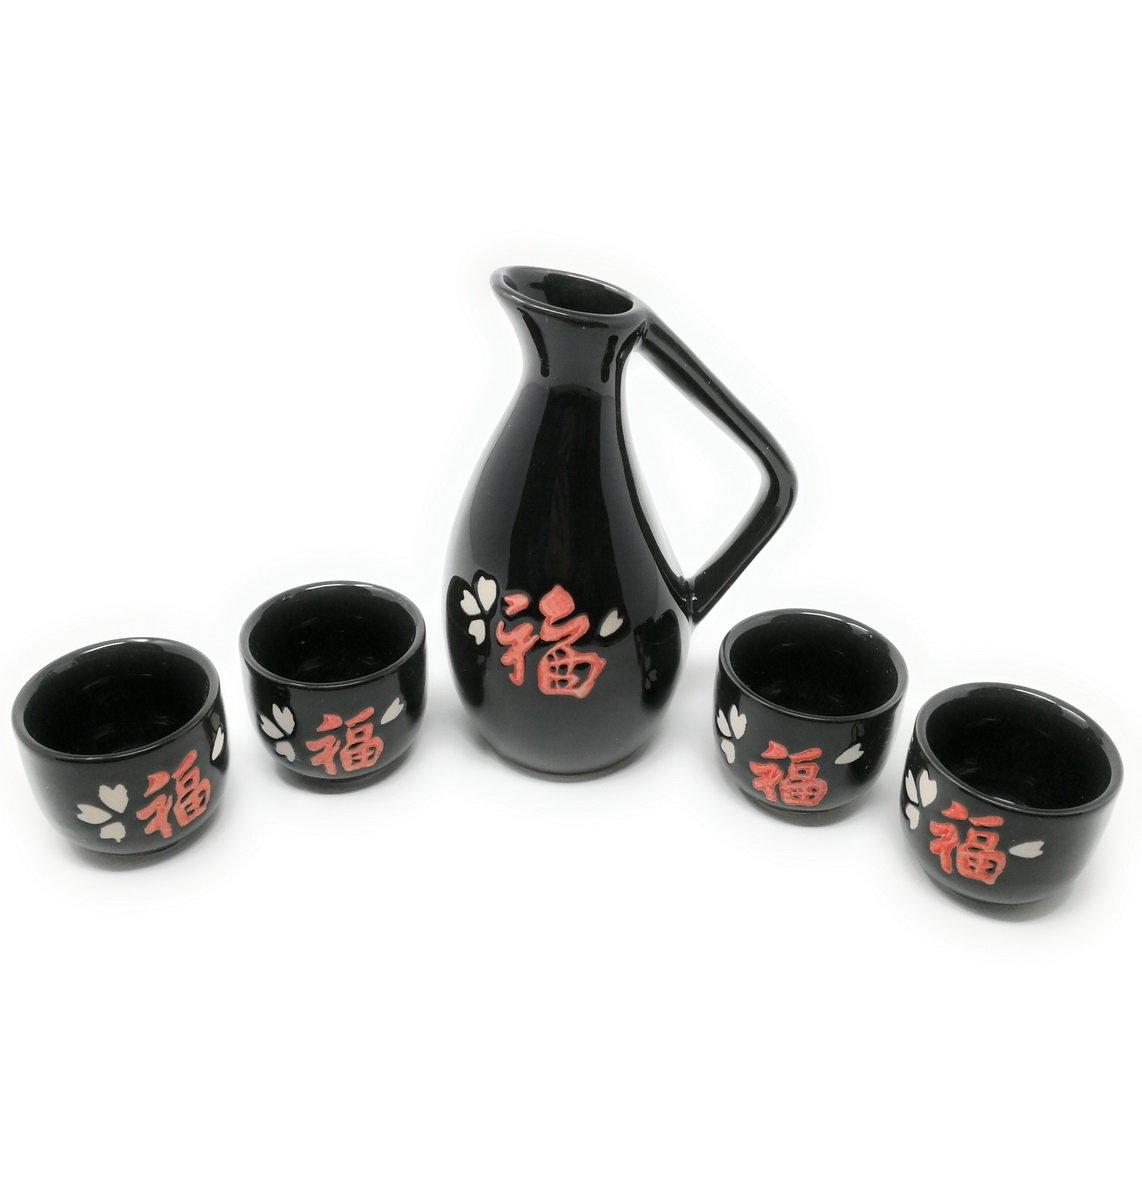 Glazed Ceramic 5 Pcs Japanese Sake Set Chinese Calligraphy ''Fu'' (Fortune)